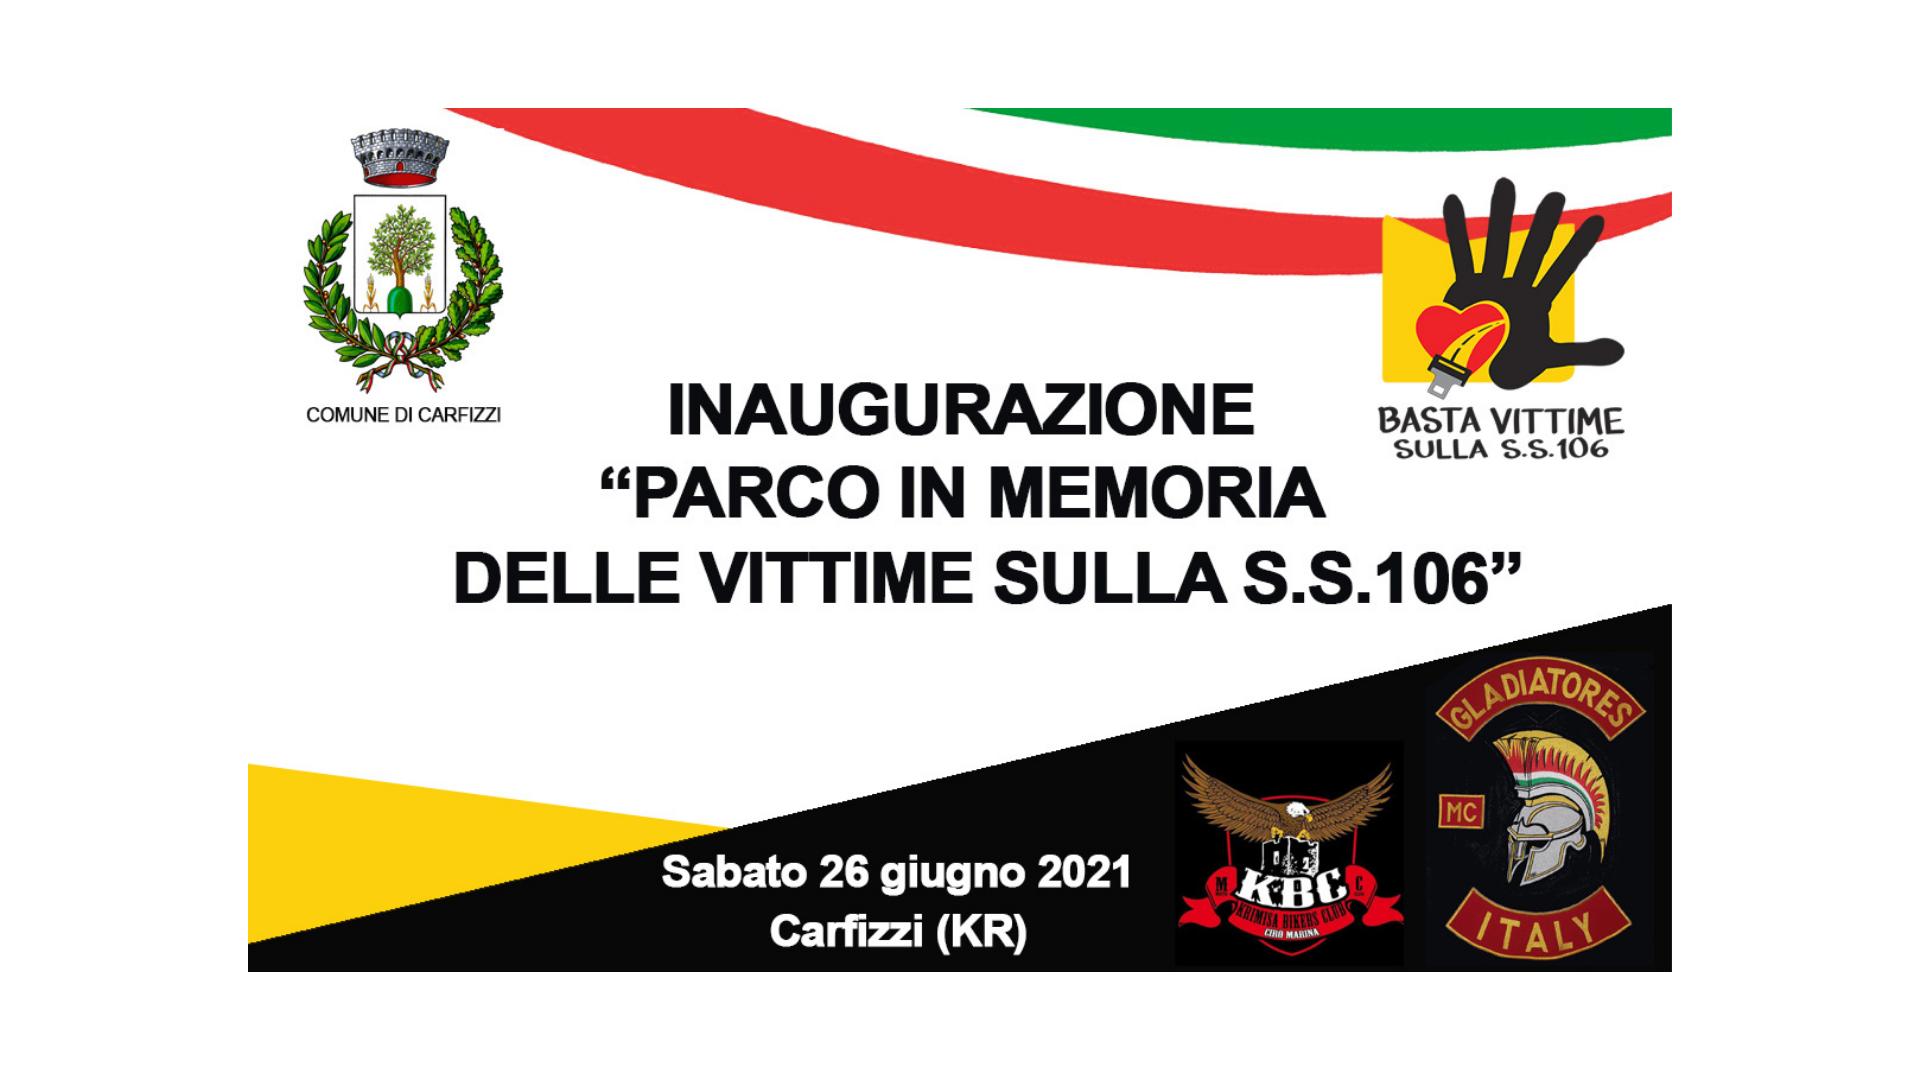 """Carfizzi (KR), domani l'inaugurazione del """"Parco in memoria delle vittime sulla S.S.106"""""""